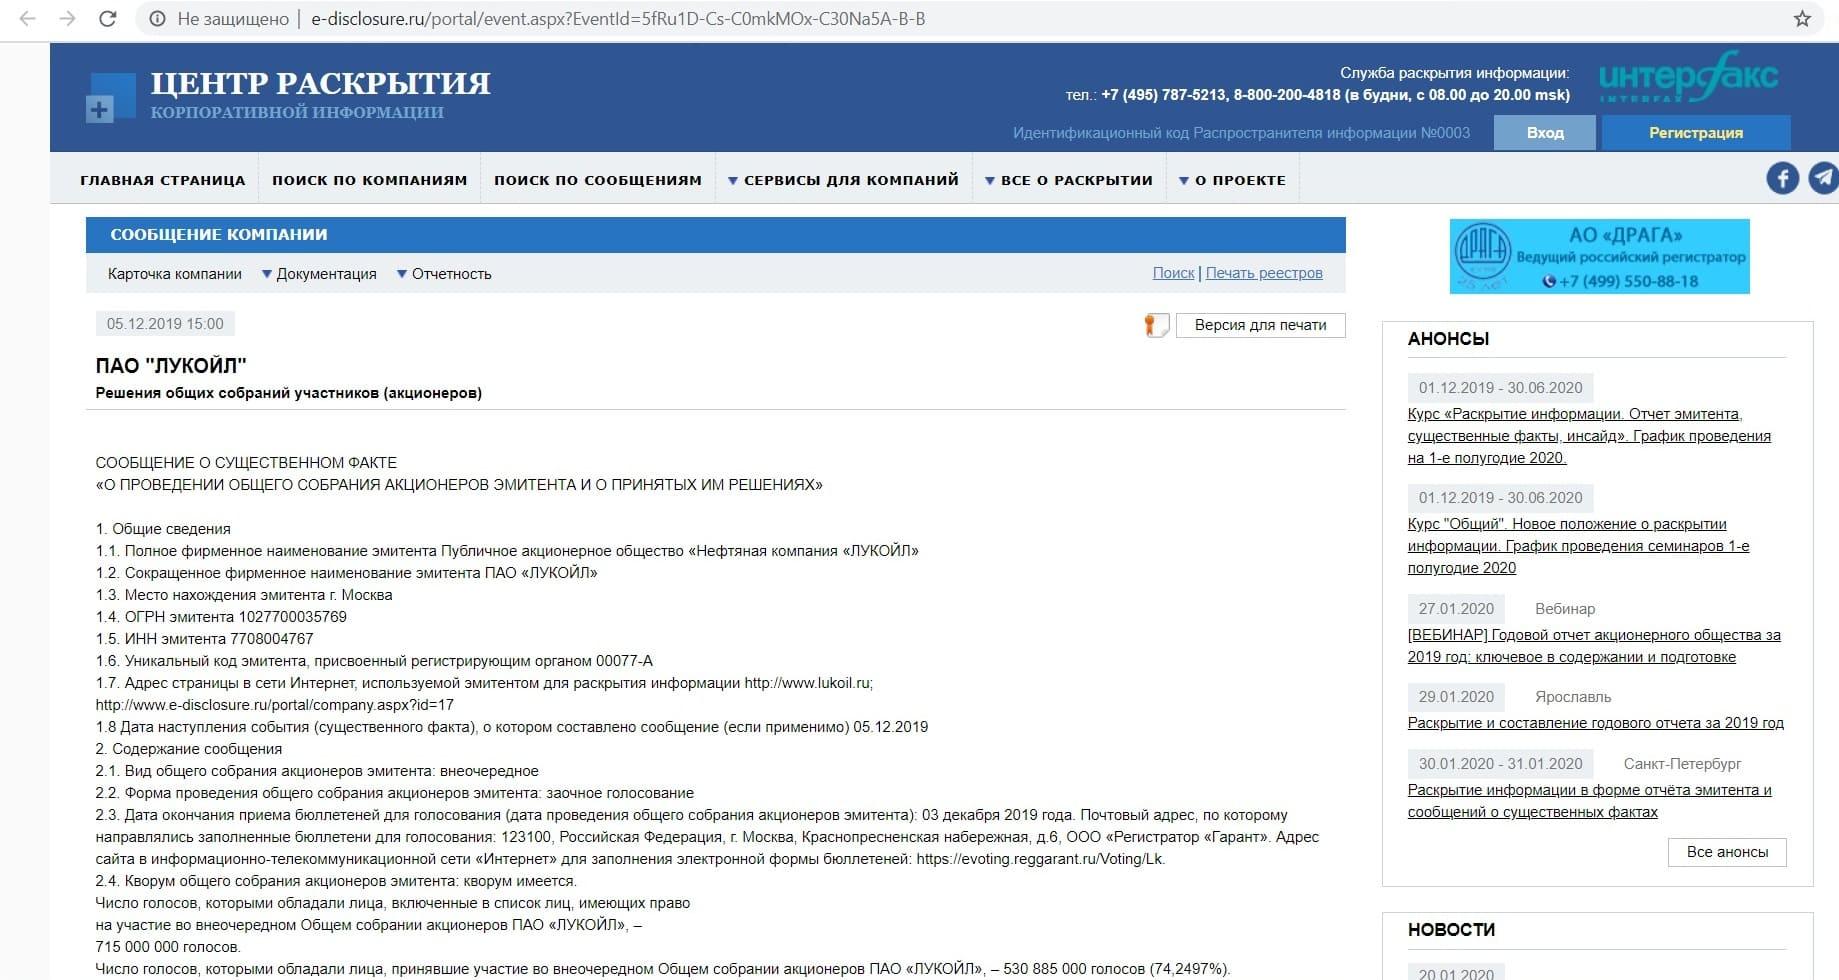 Рис. 2. Информация о проведении ОСА компанией «ЛУКОЙЛ» в центре раскрытия корпоративной информации